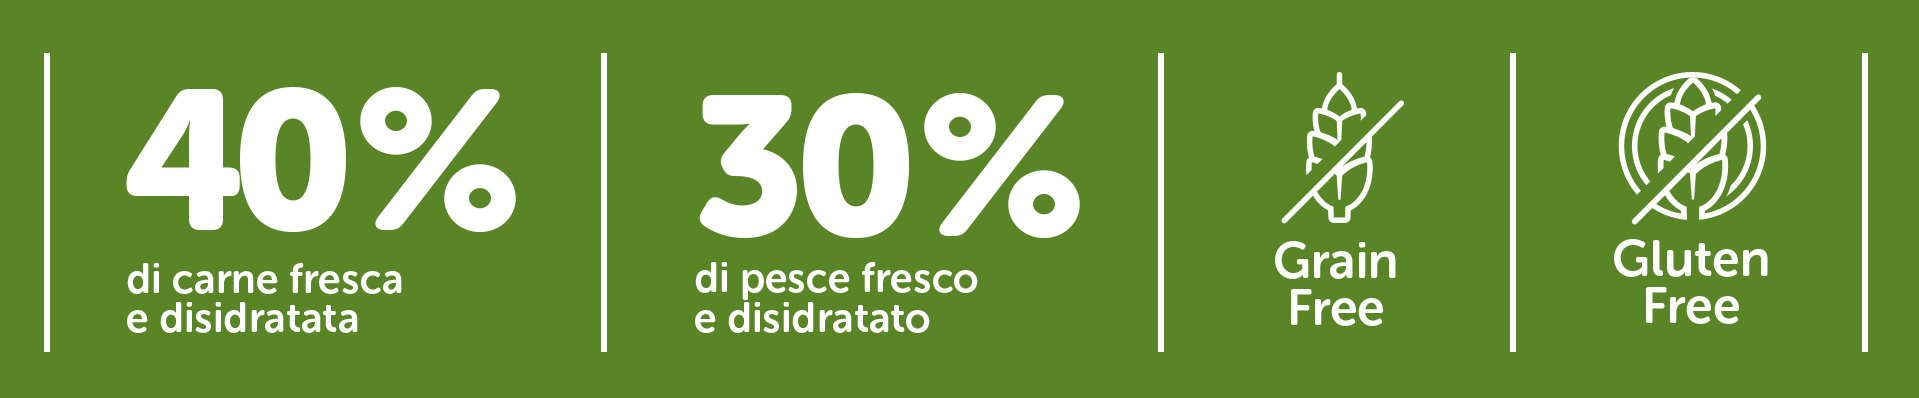 Numeri_Promo_ItalianWay